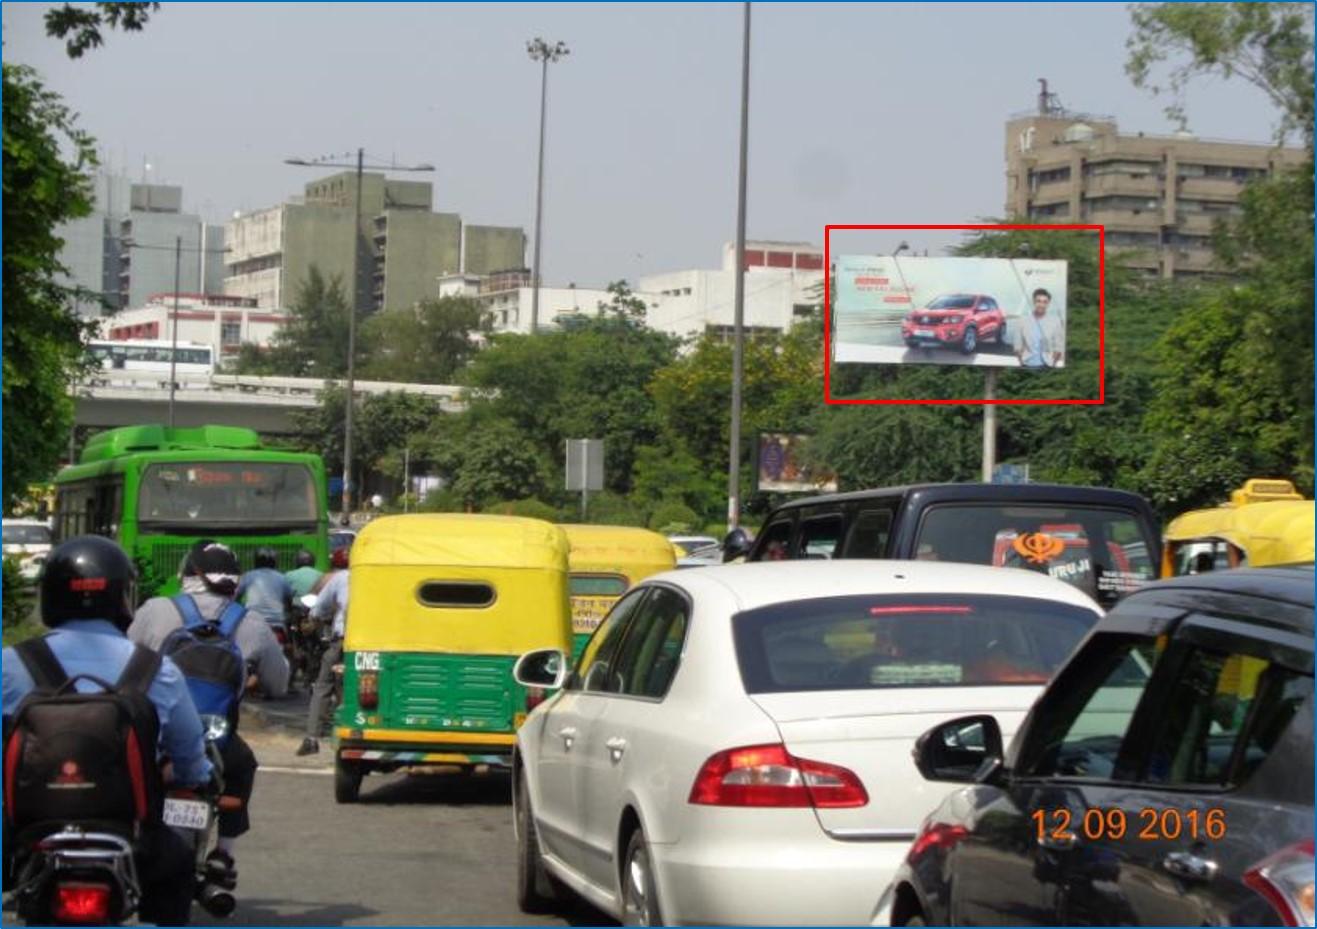 Before Delhi Sachivalye, New Delhi